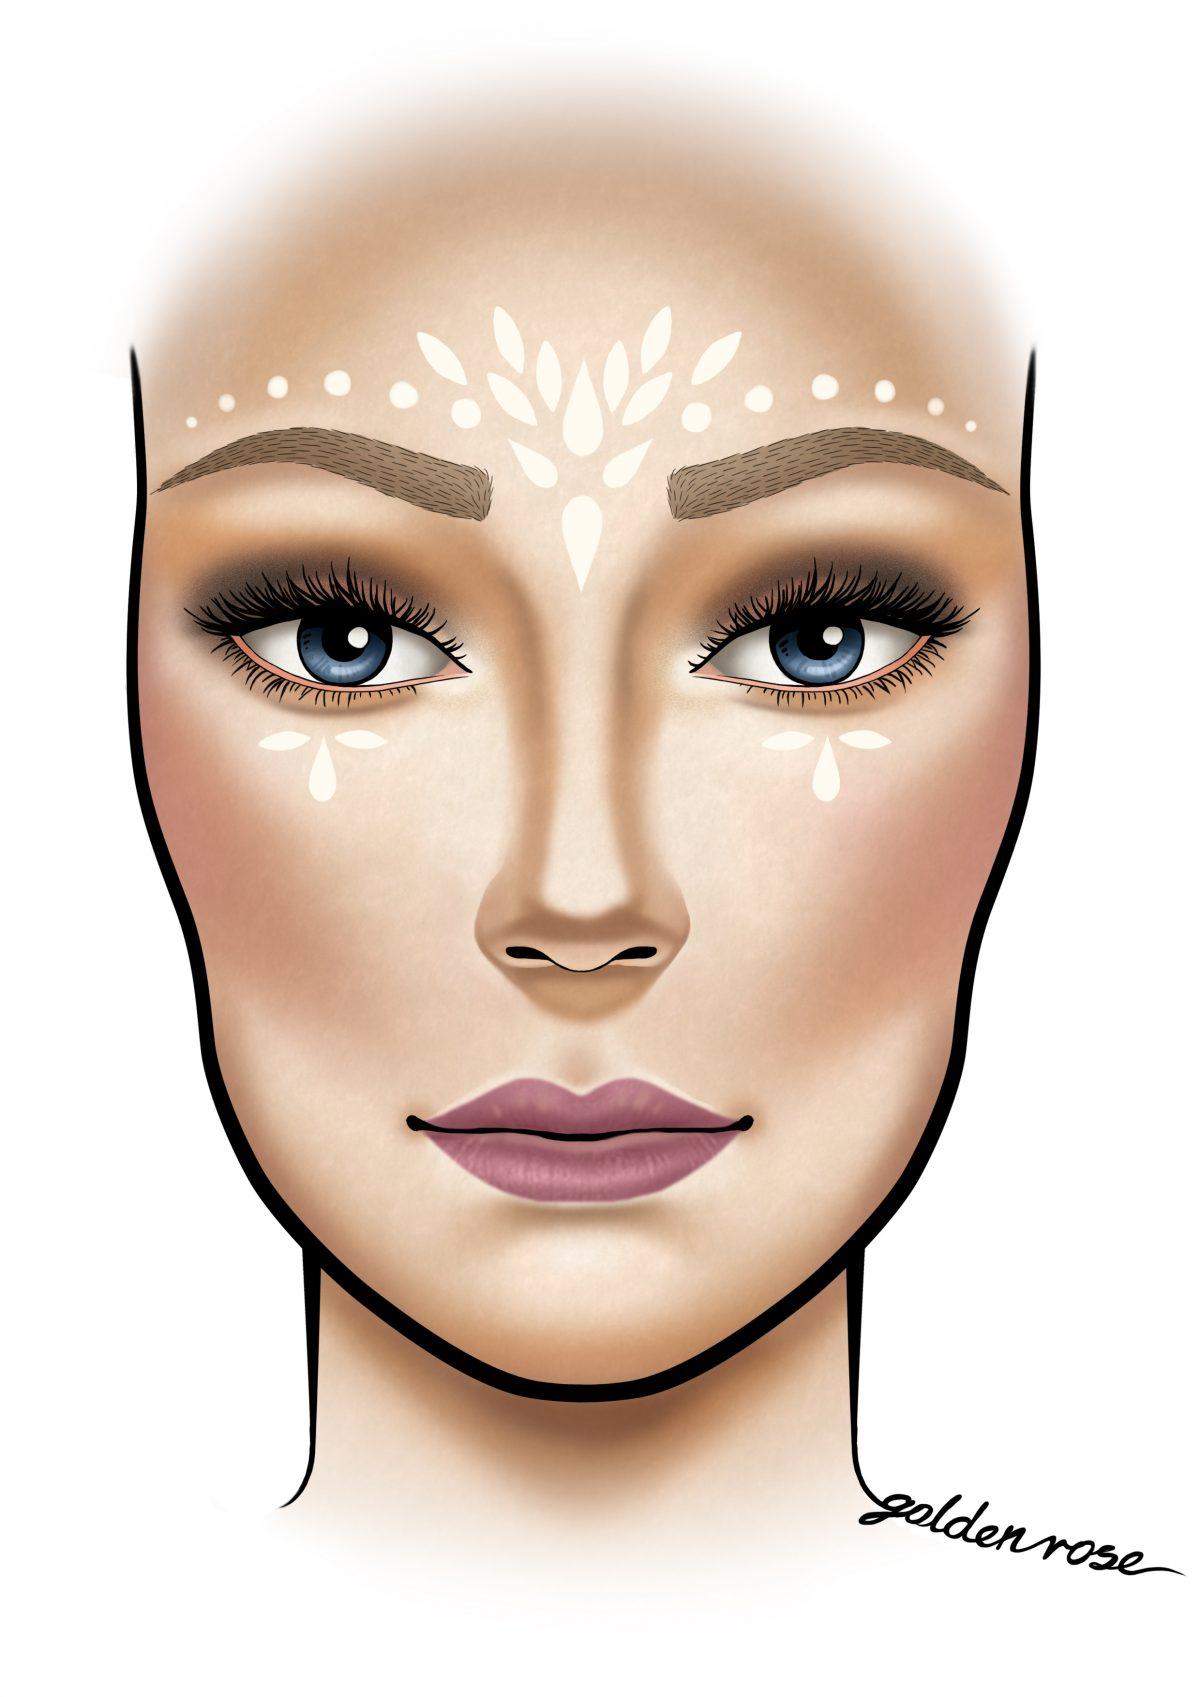 Nasz konkurs Dziewczyna GR wciąż trwa – zapraszamy do zabawy! Zaprezentuj swój makijaż.